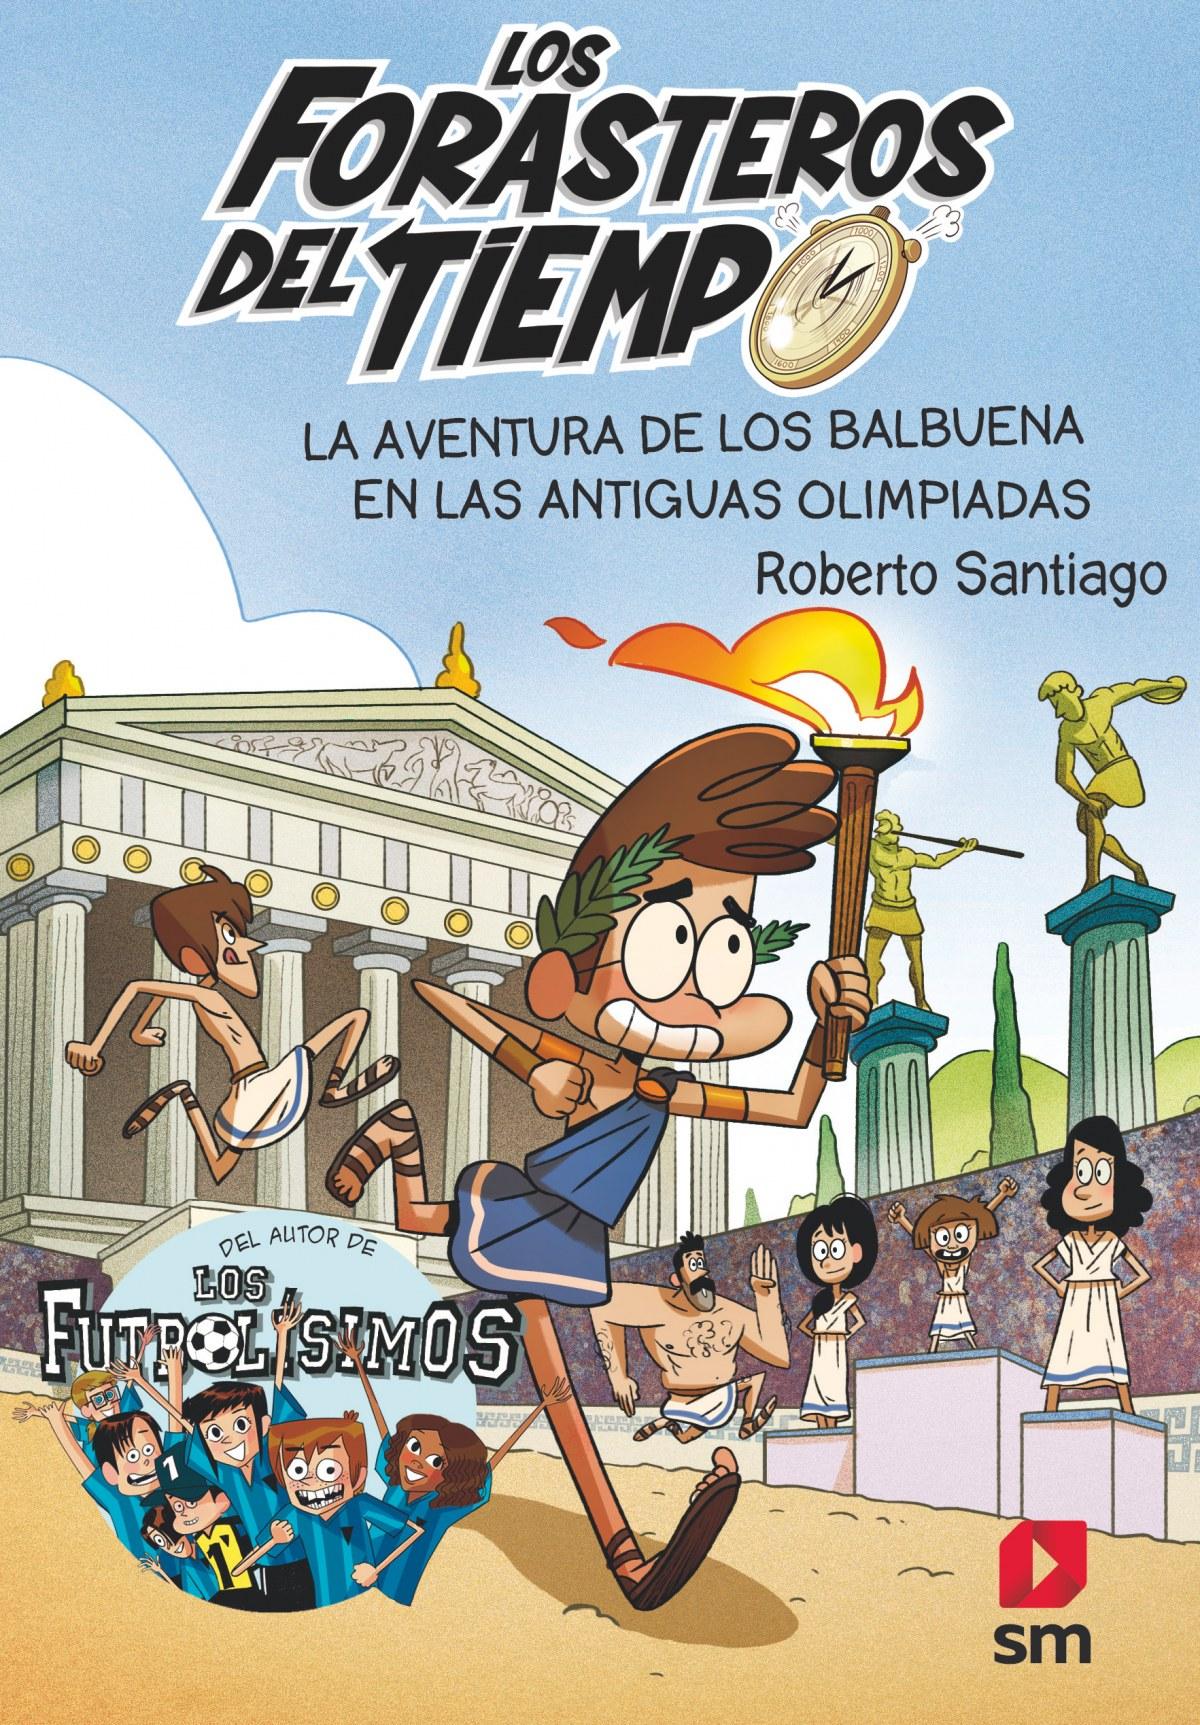 LA AVENTURA DE LOS BALBUENA EN LAS ANTIGUAS OLIMPIADAS 9788413181783